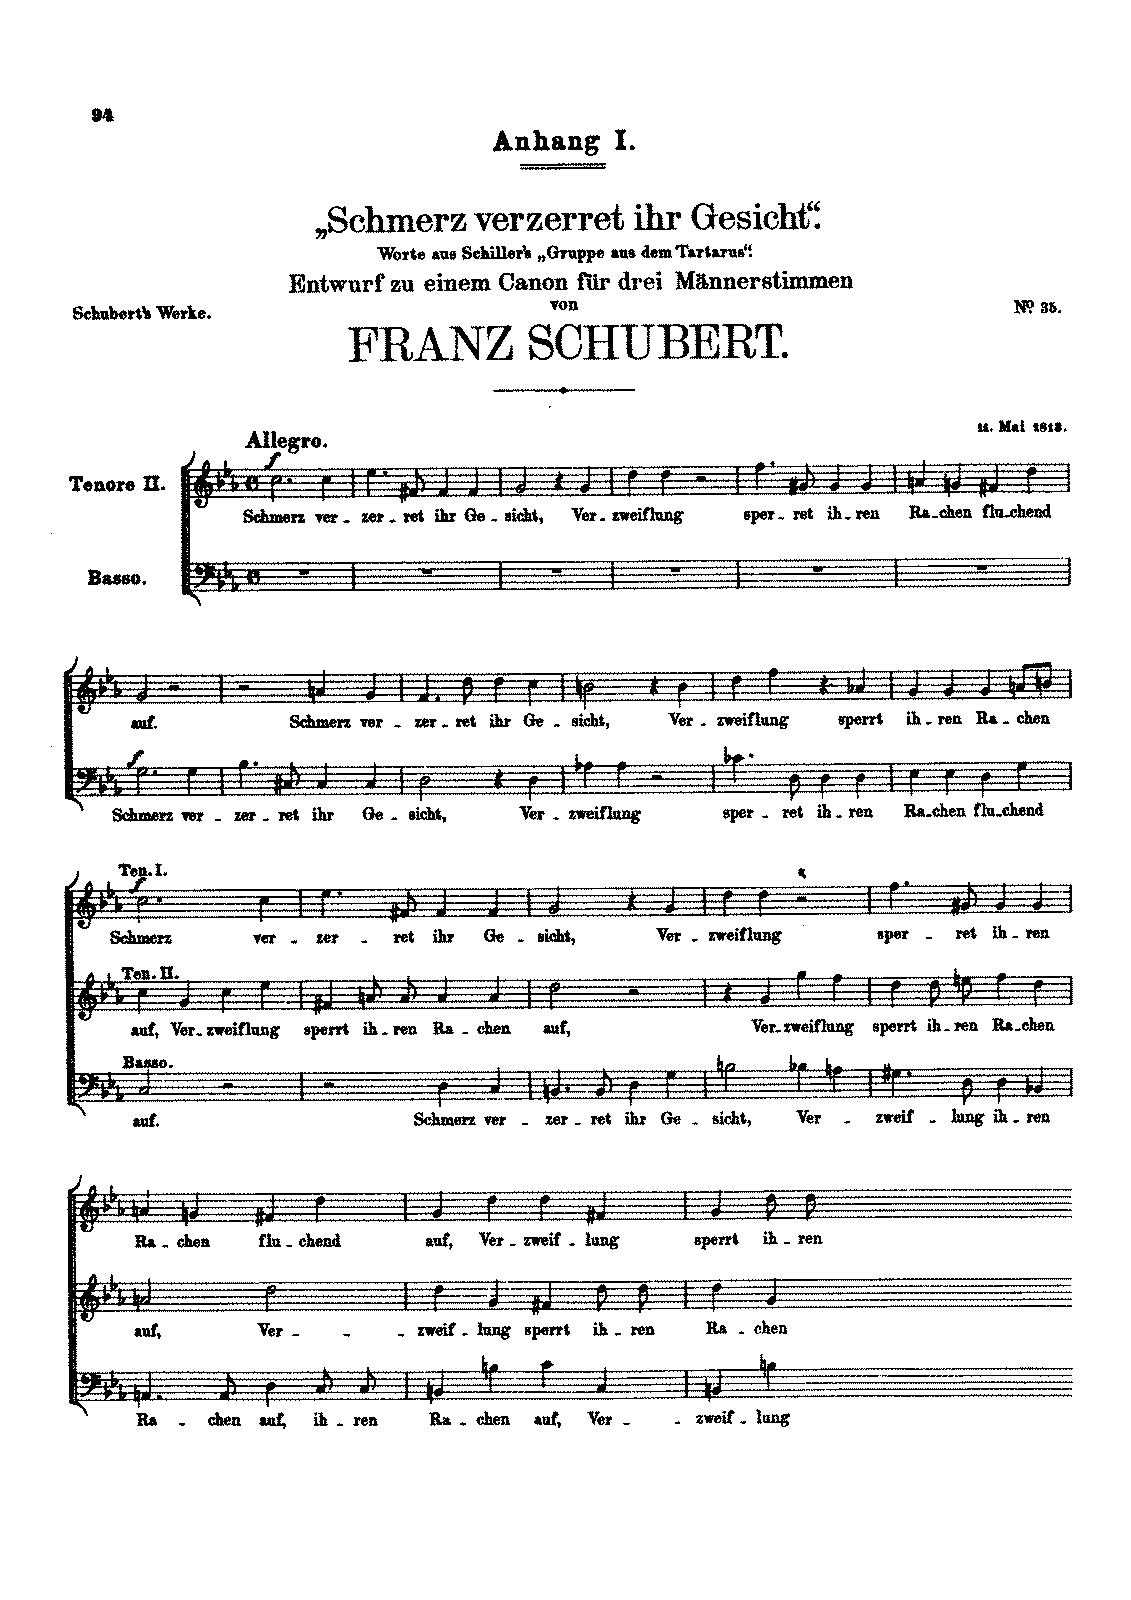 Schmerz verzerret ihr Gesicht, D.65 (Schubert, Franz) - IMSLP ...